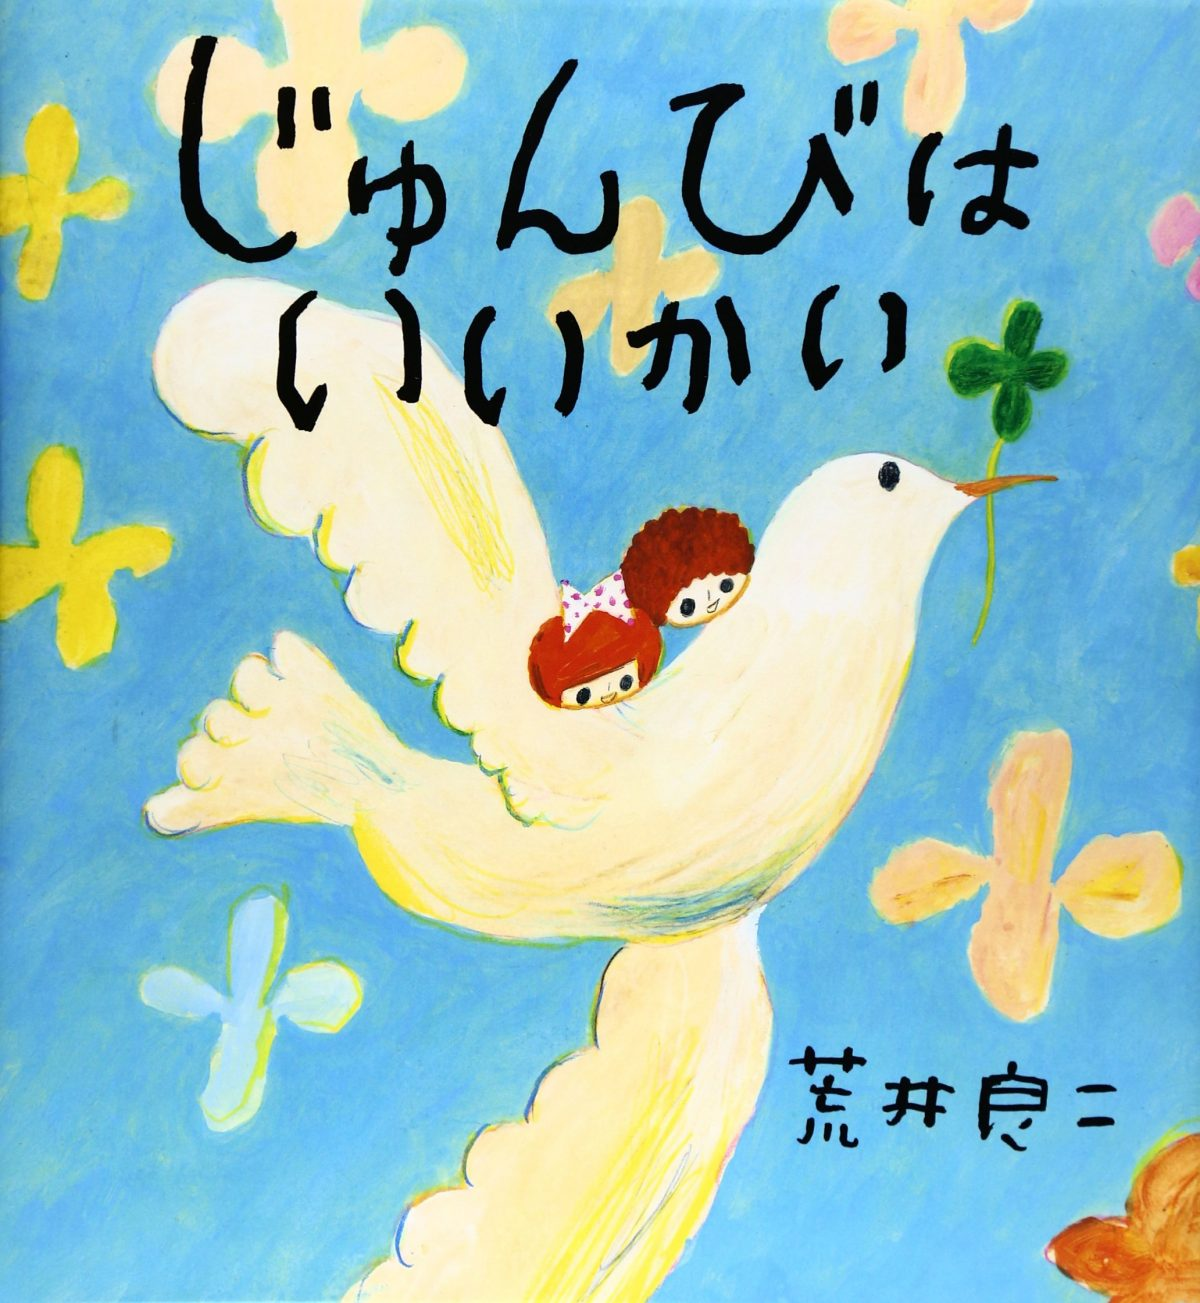 絵本「じゅんびはいいかい」の表紙